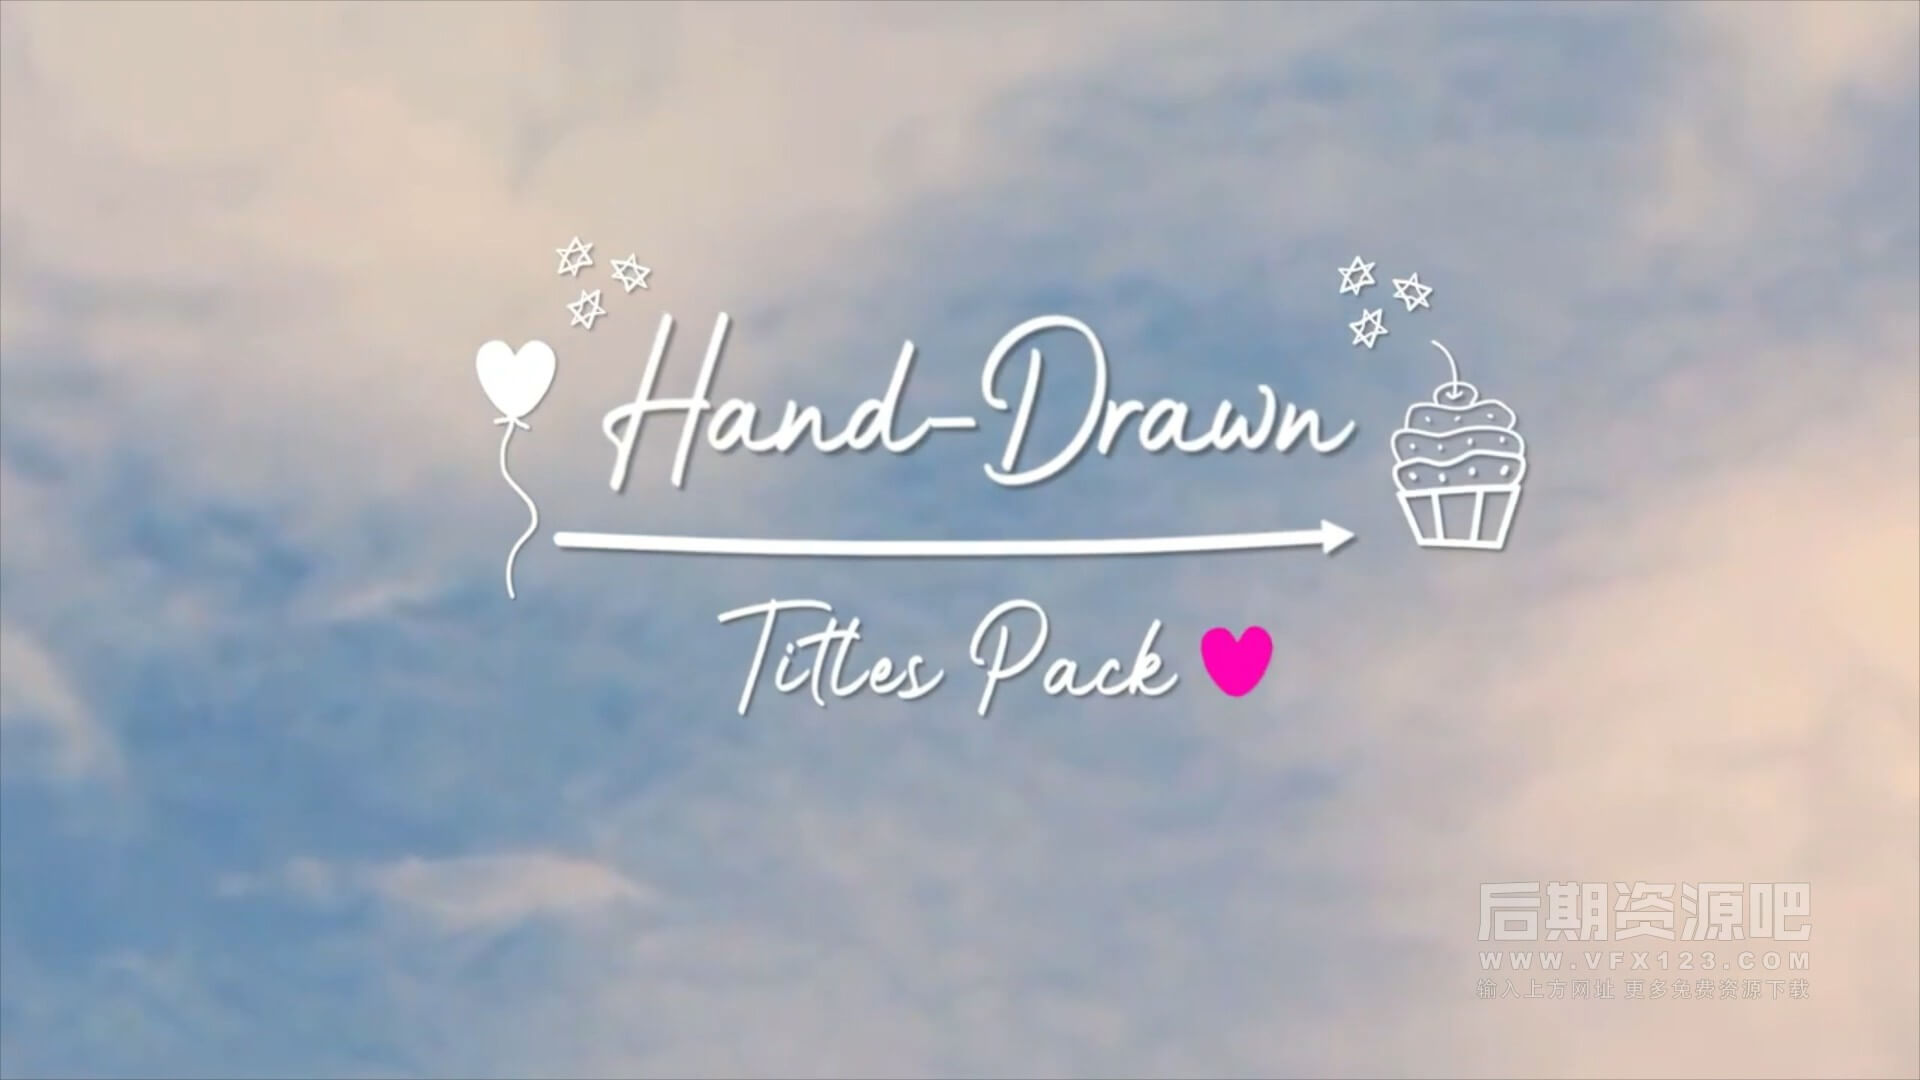 fcpx插件 28个可爱卡通手绘标题模板+动画元素 Hand-Drawn Titles